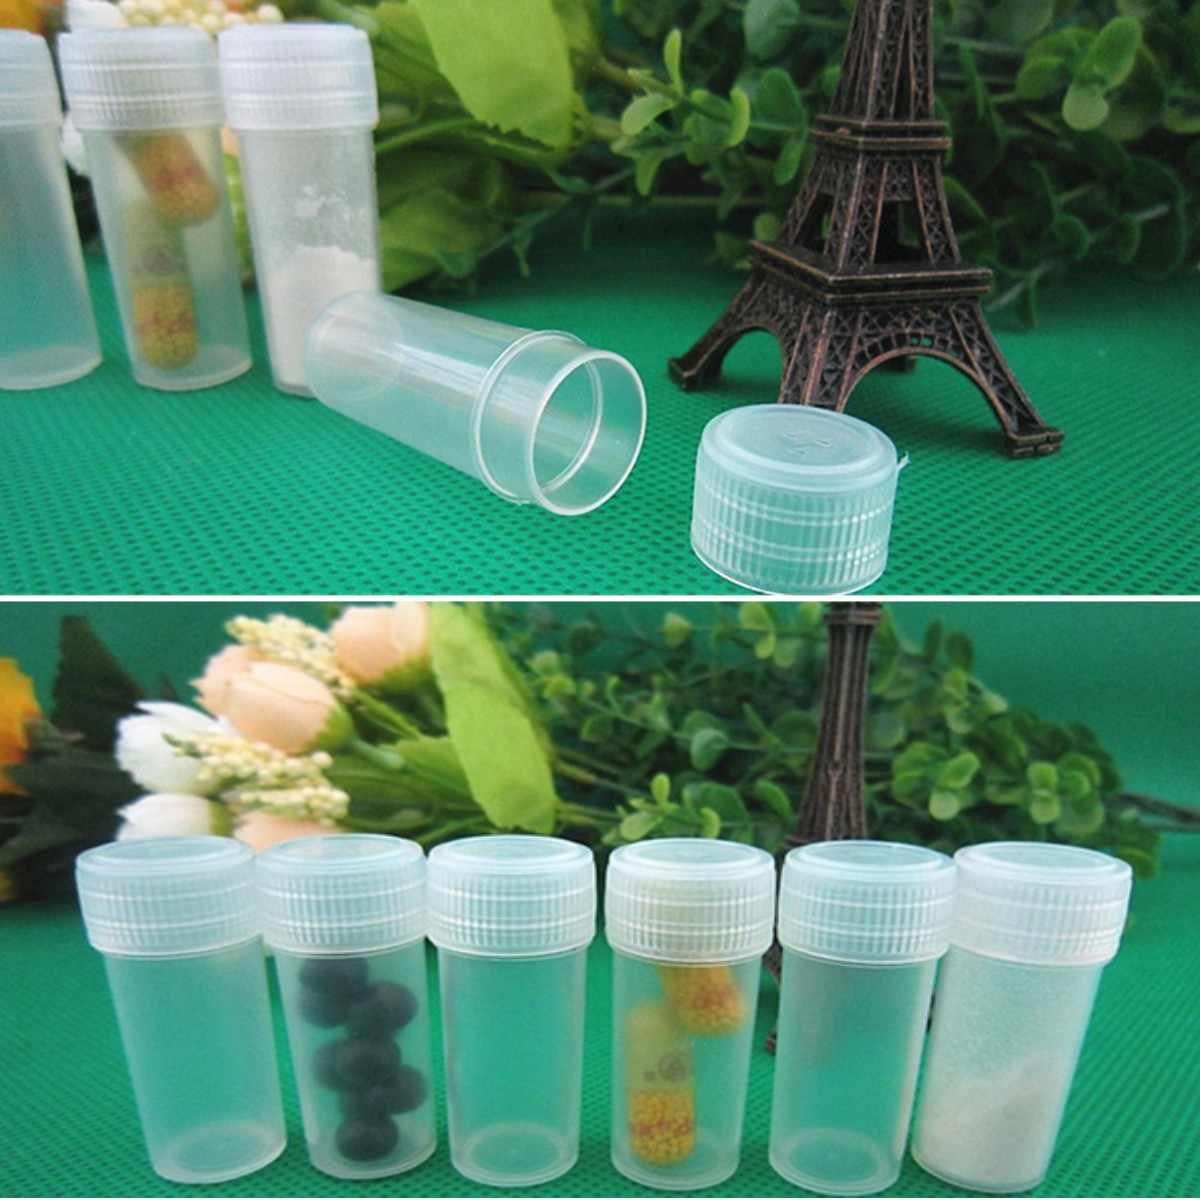 400 шт 5 мл пластиковые пробирки флаконы проба контейнер порошок ремесло бутылки с колпачками для офиса школы химии поставки